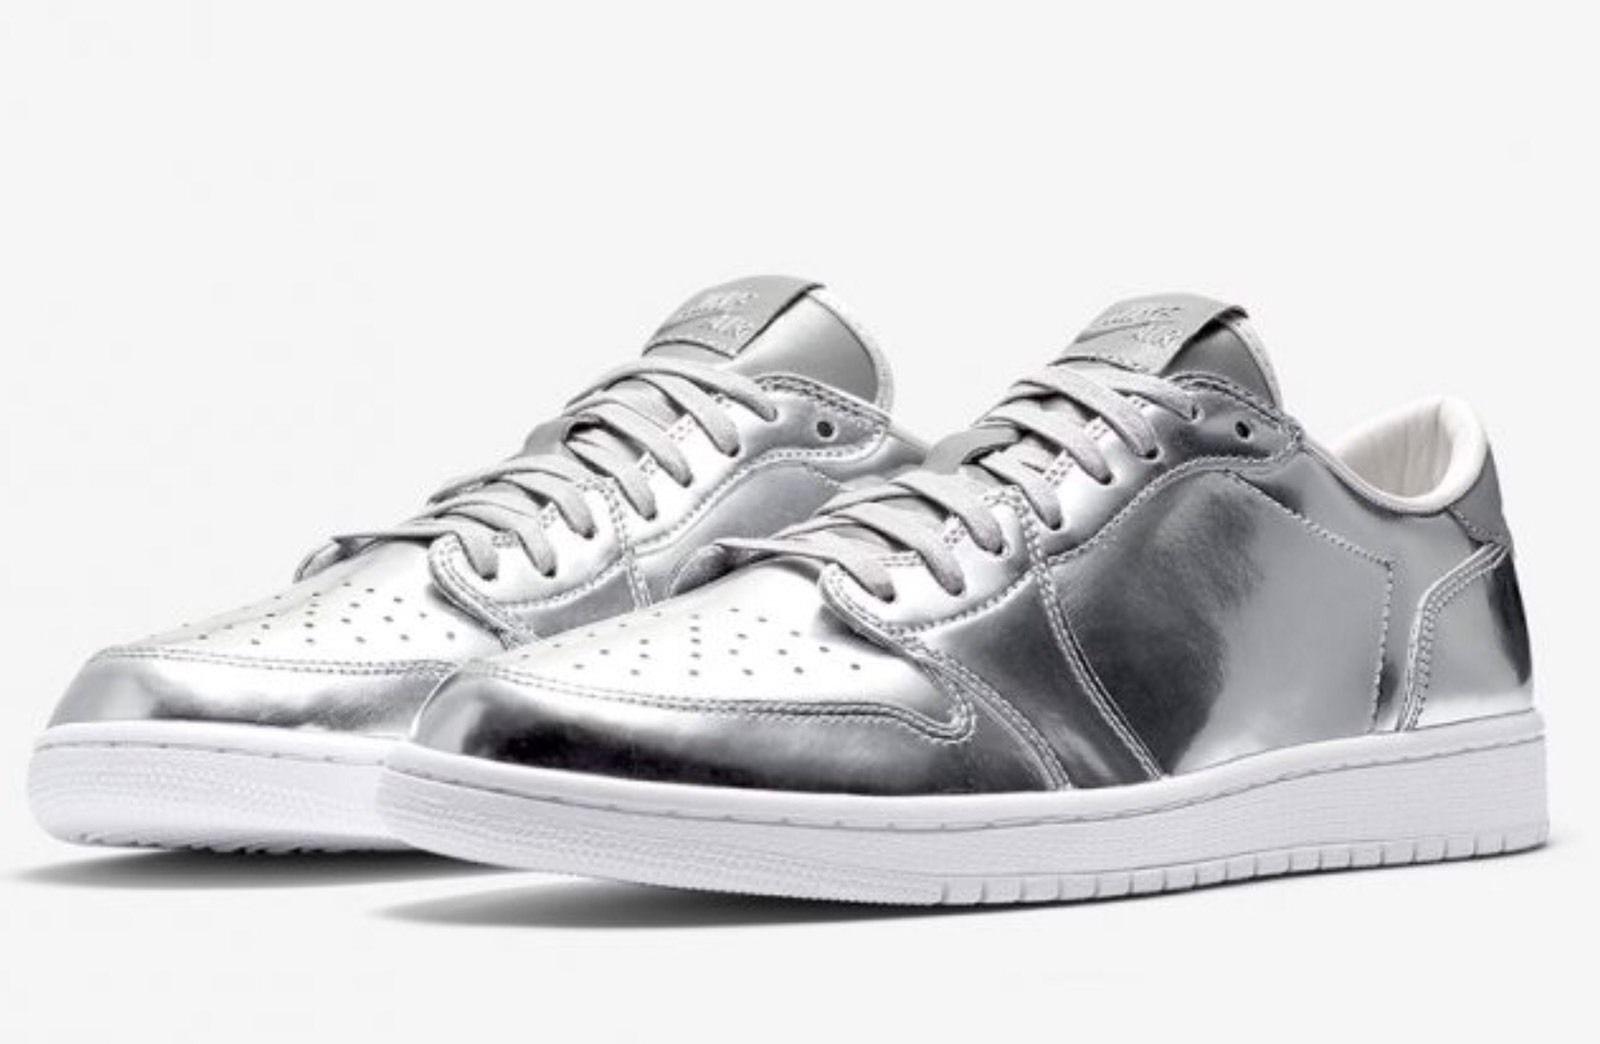 Nike Air Jordan Retro 1 Low OG Pinnacle Comfortable  Casual wild